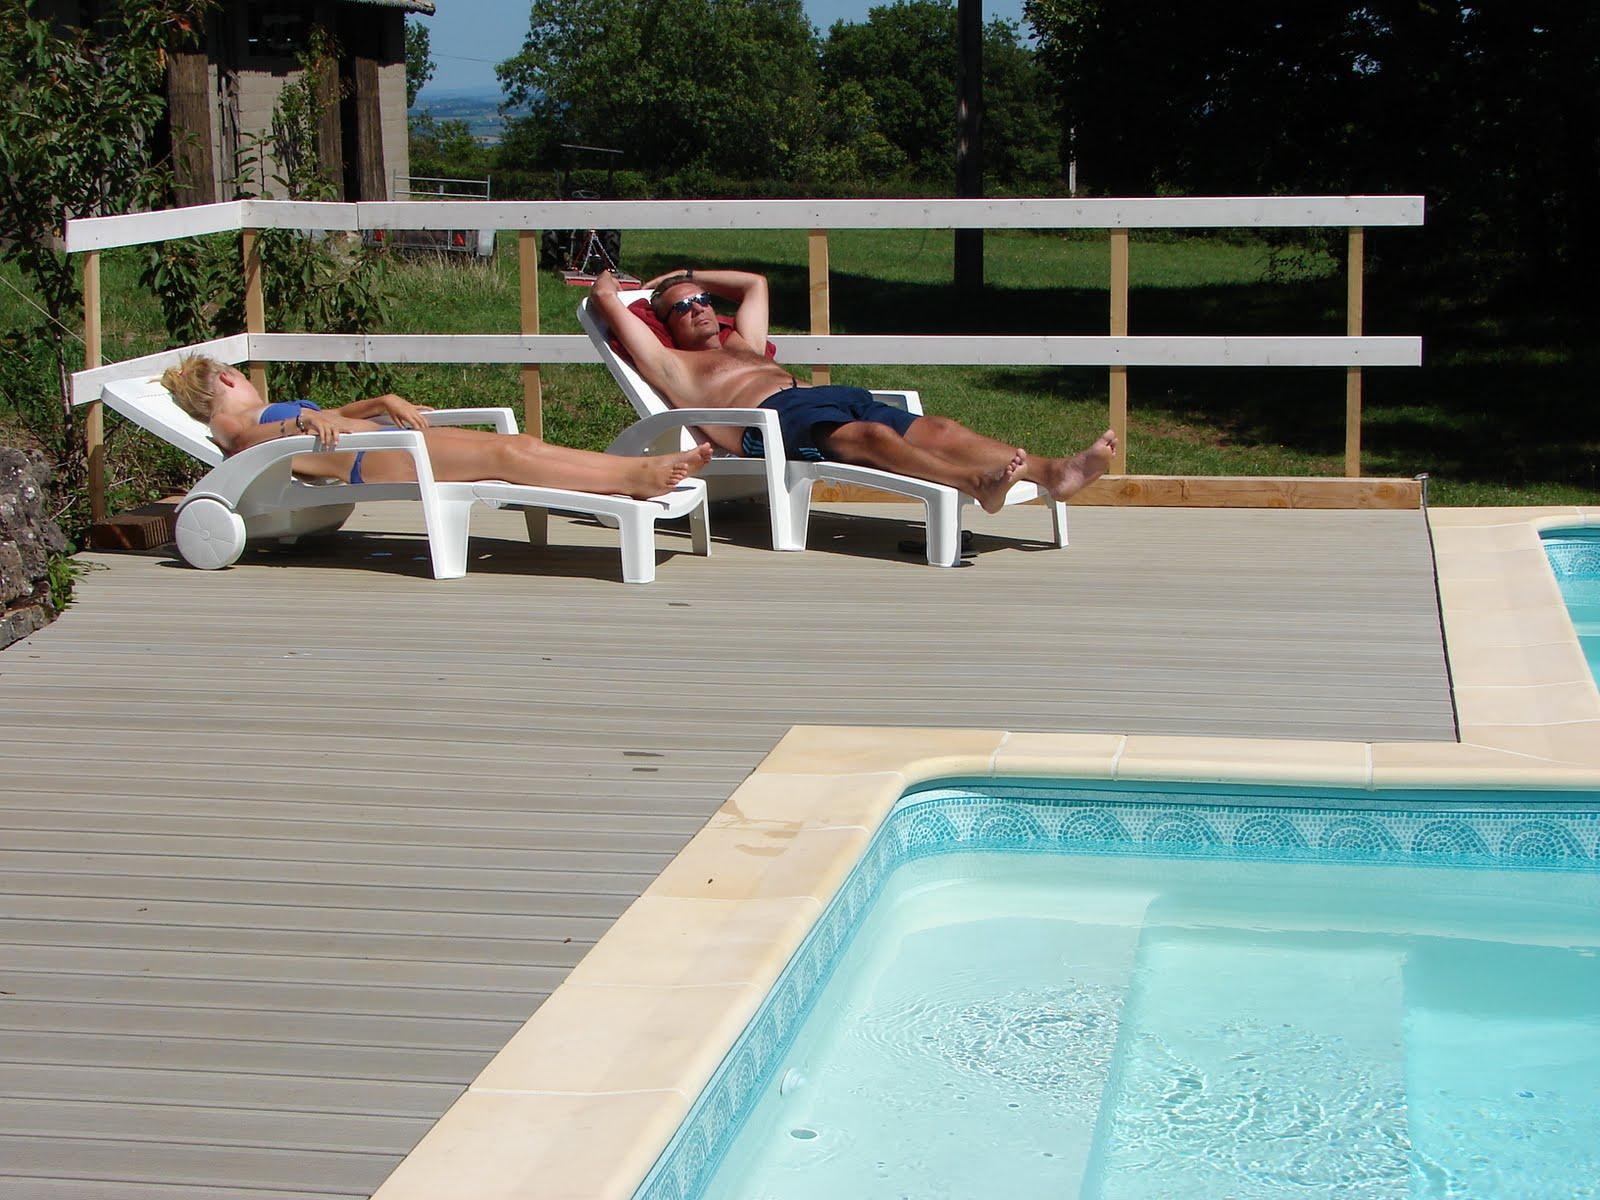 Les fontanelles augustus 2011 - Zwarte voering voor zwembad ...